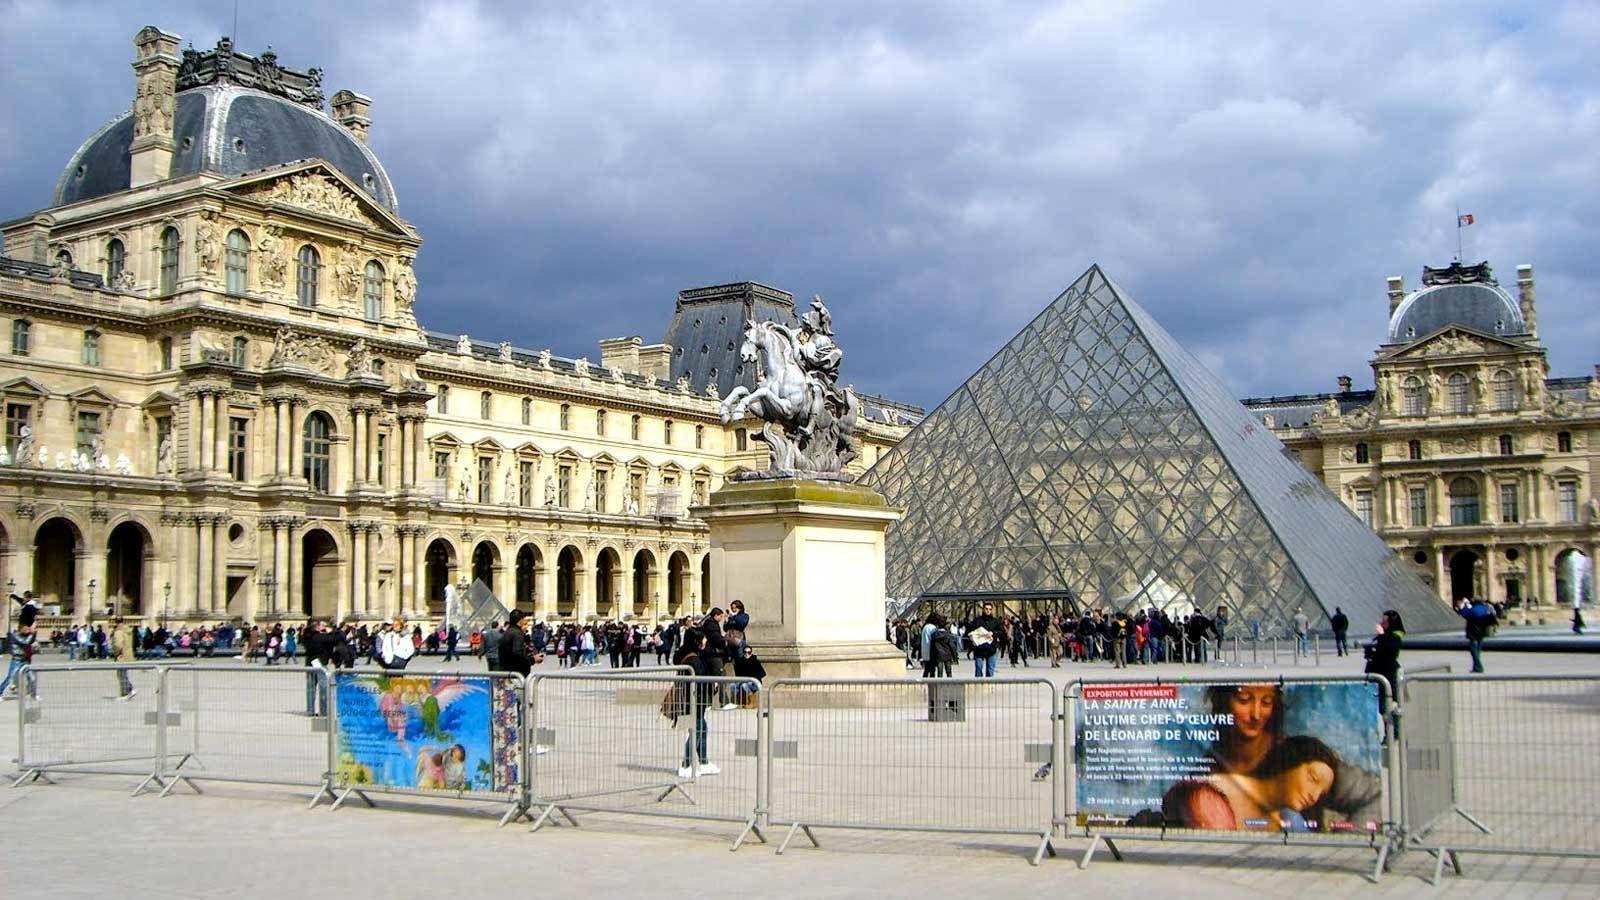 Führung durch den Louvre mit Tickets mit bevorzugtem Einlass